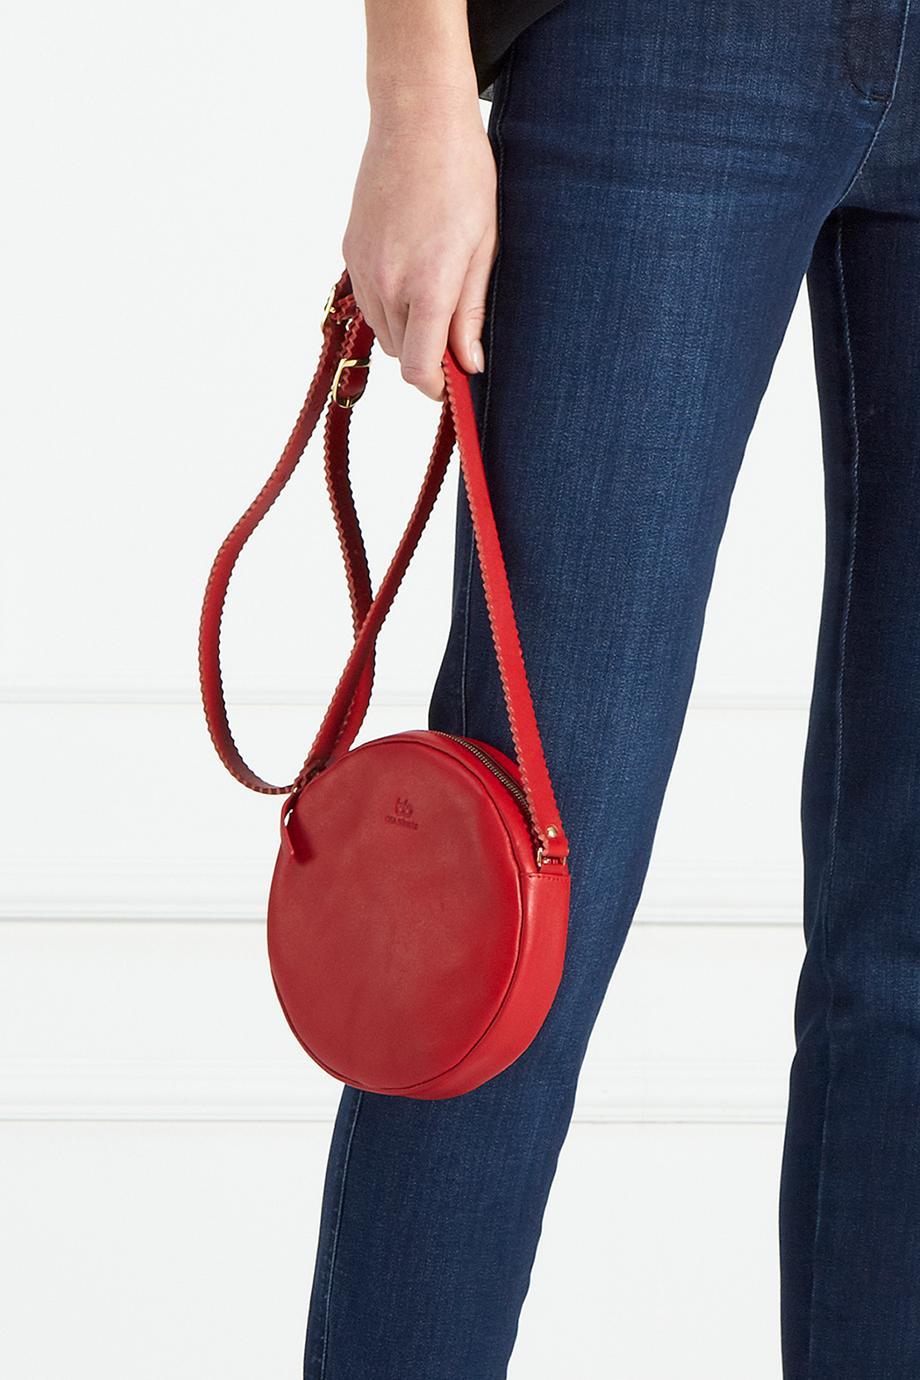 bea_buehler_dirndl_bag_red_jeans.jpg